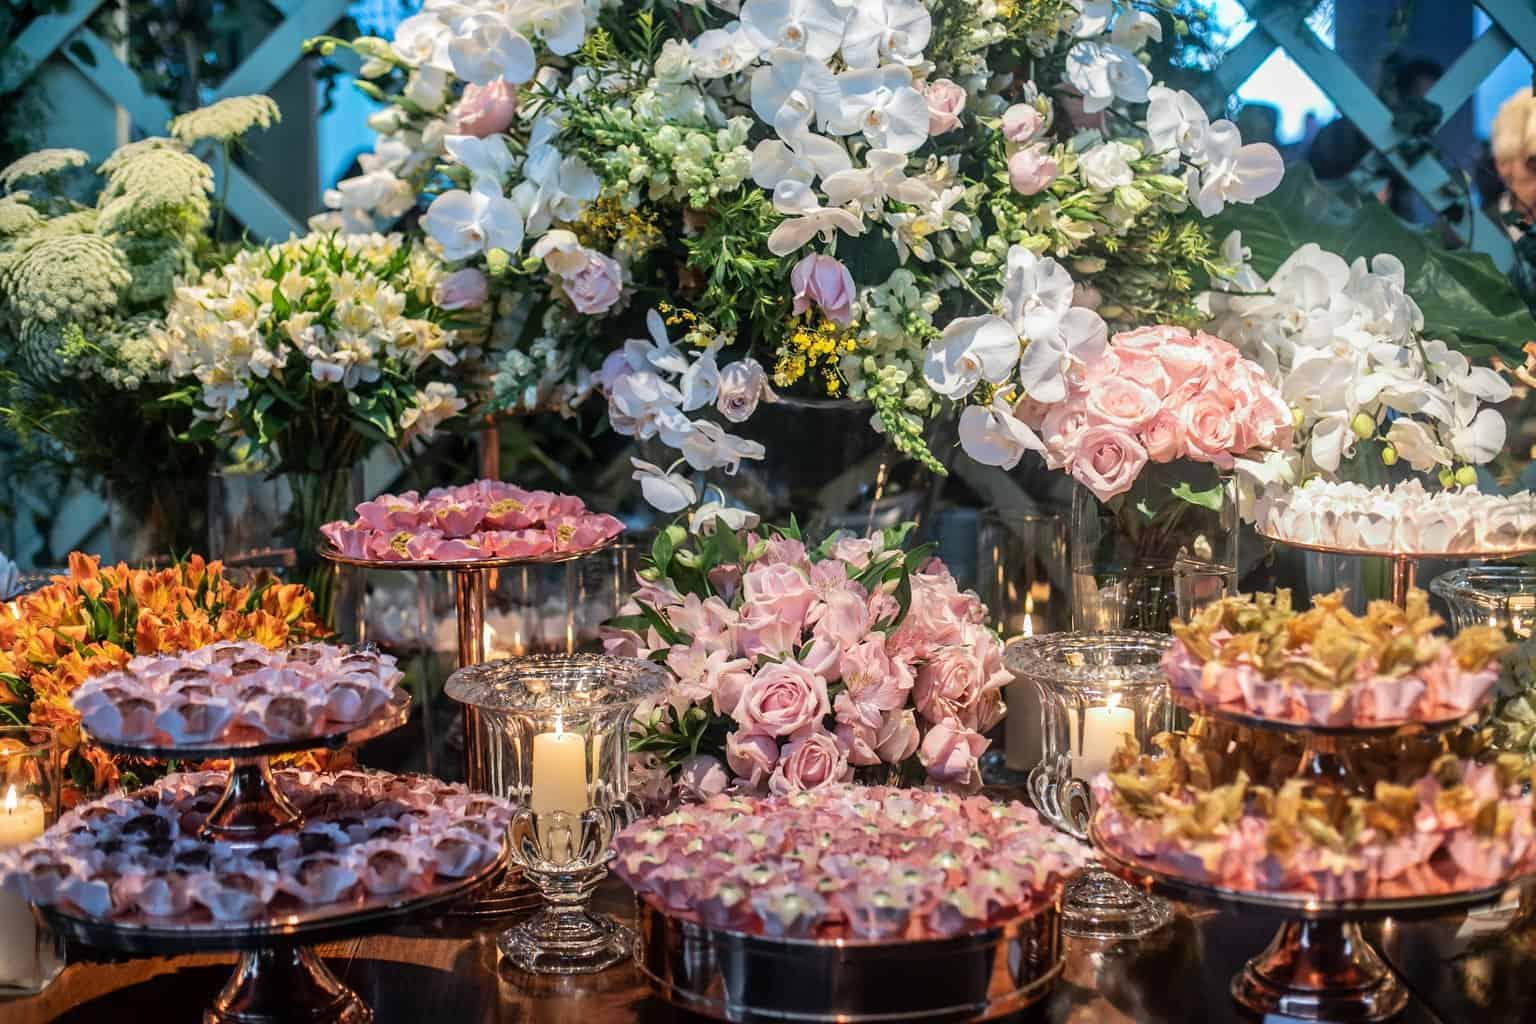 Casamento-Milene-e-Leonardo-decoracao-da-festa-doces-Roberto-Tamer-terras-claras247